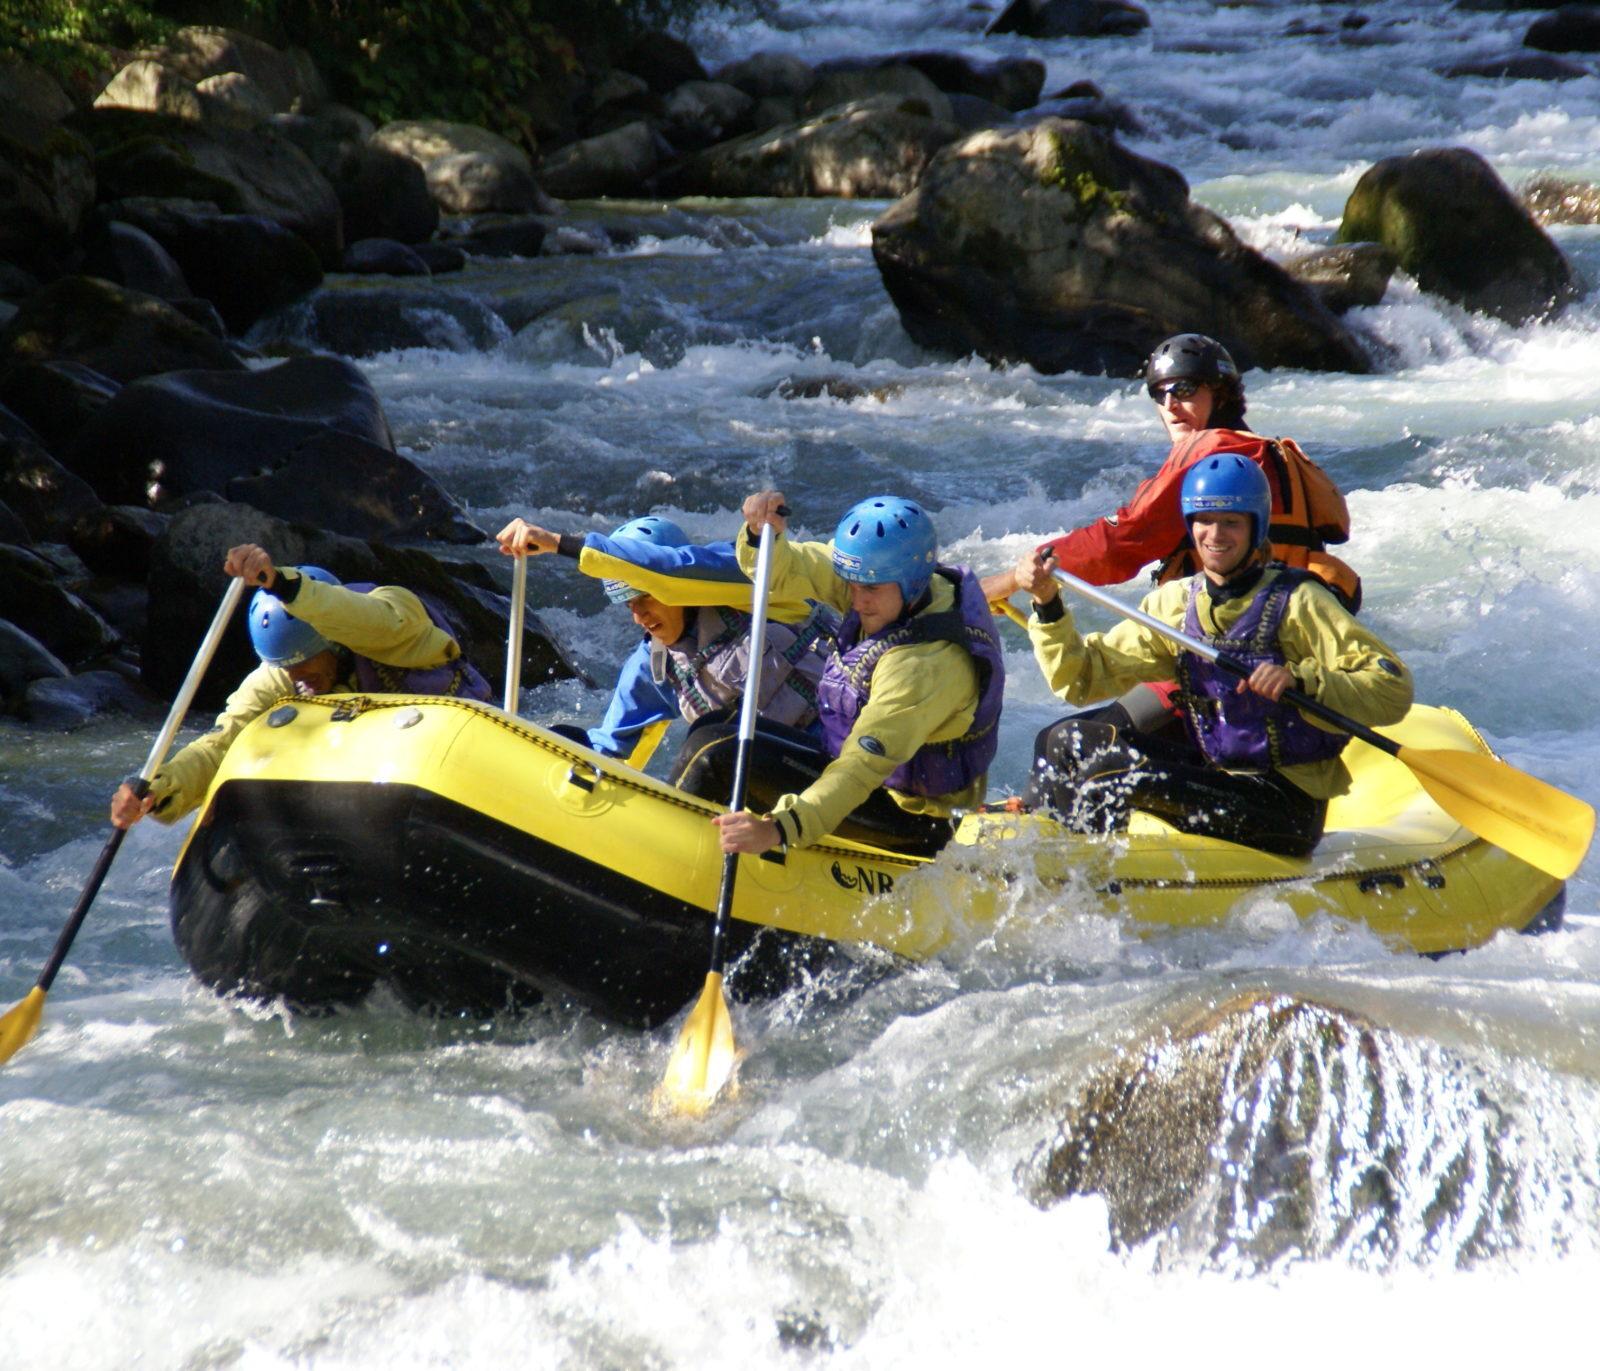 Immagine per Rafting in Val di Sole, Trentino, a tutto divertimento